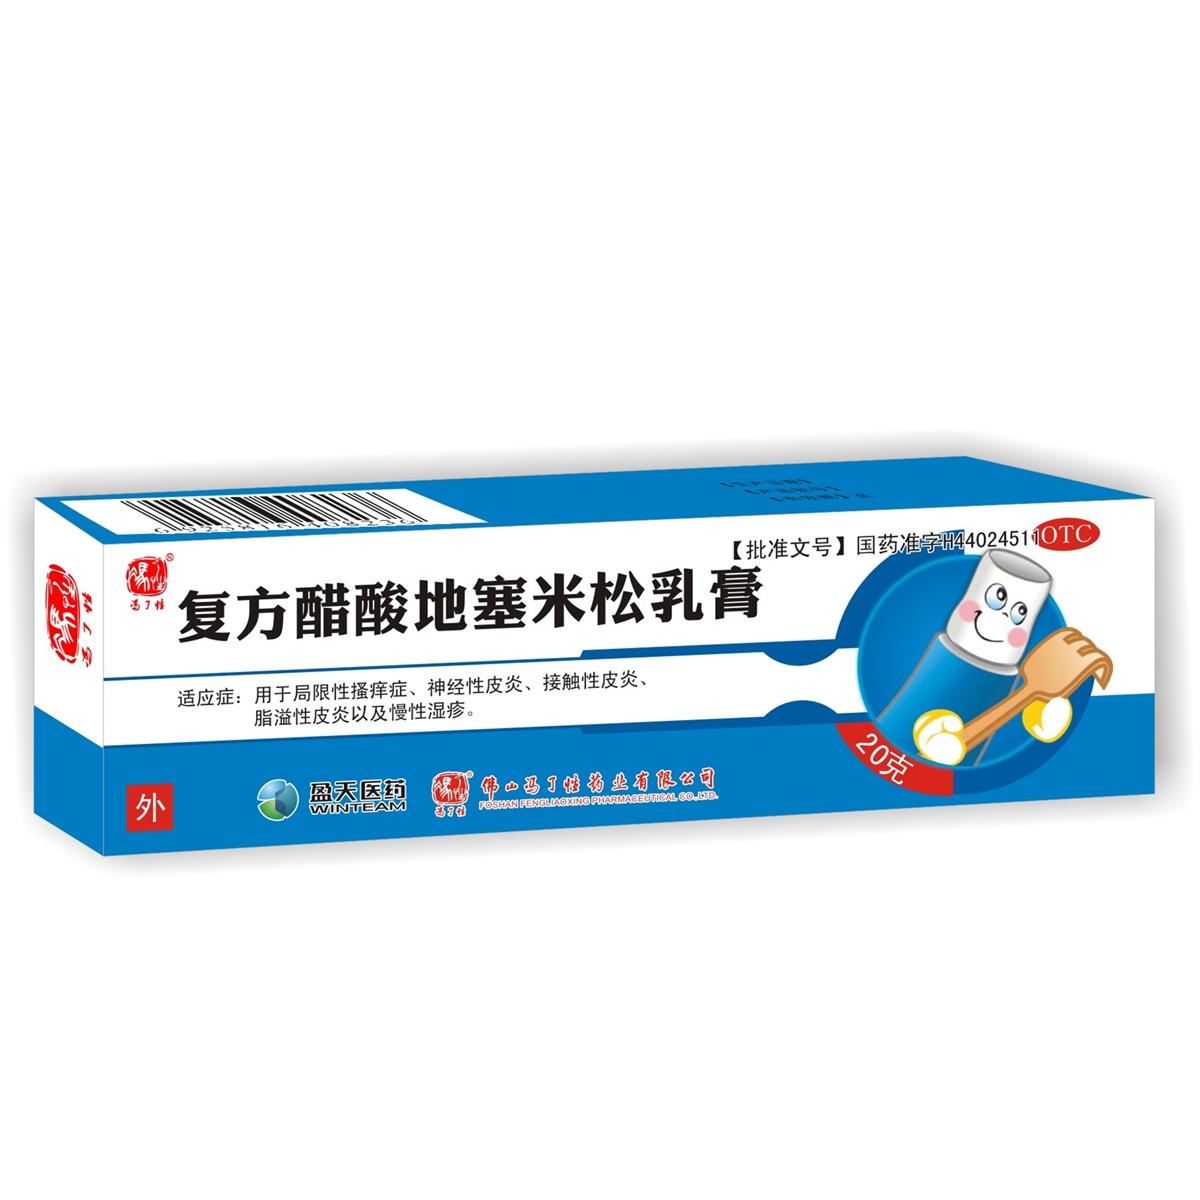 冯了性 复方醋酸地塞米松乳膏